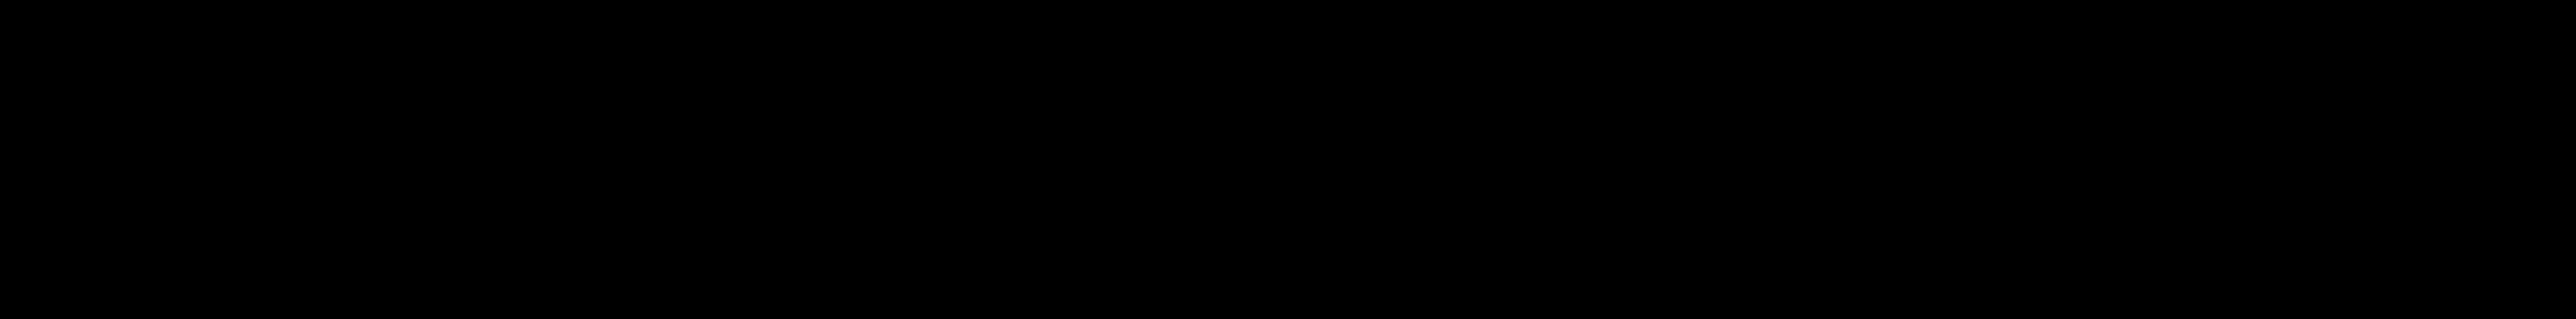 Counter-Strike – Logos Download